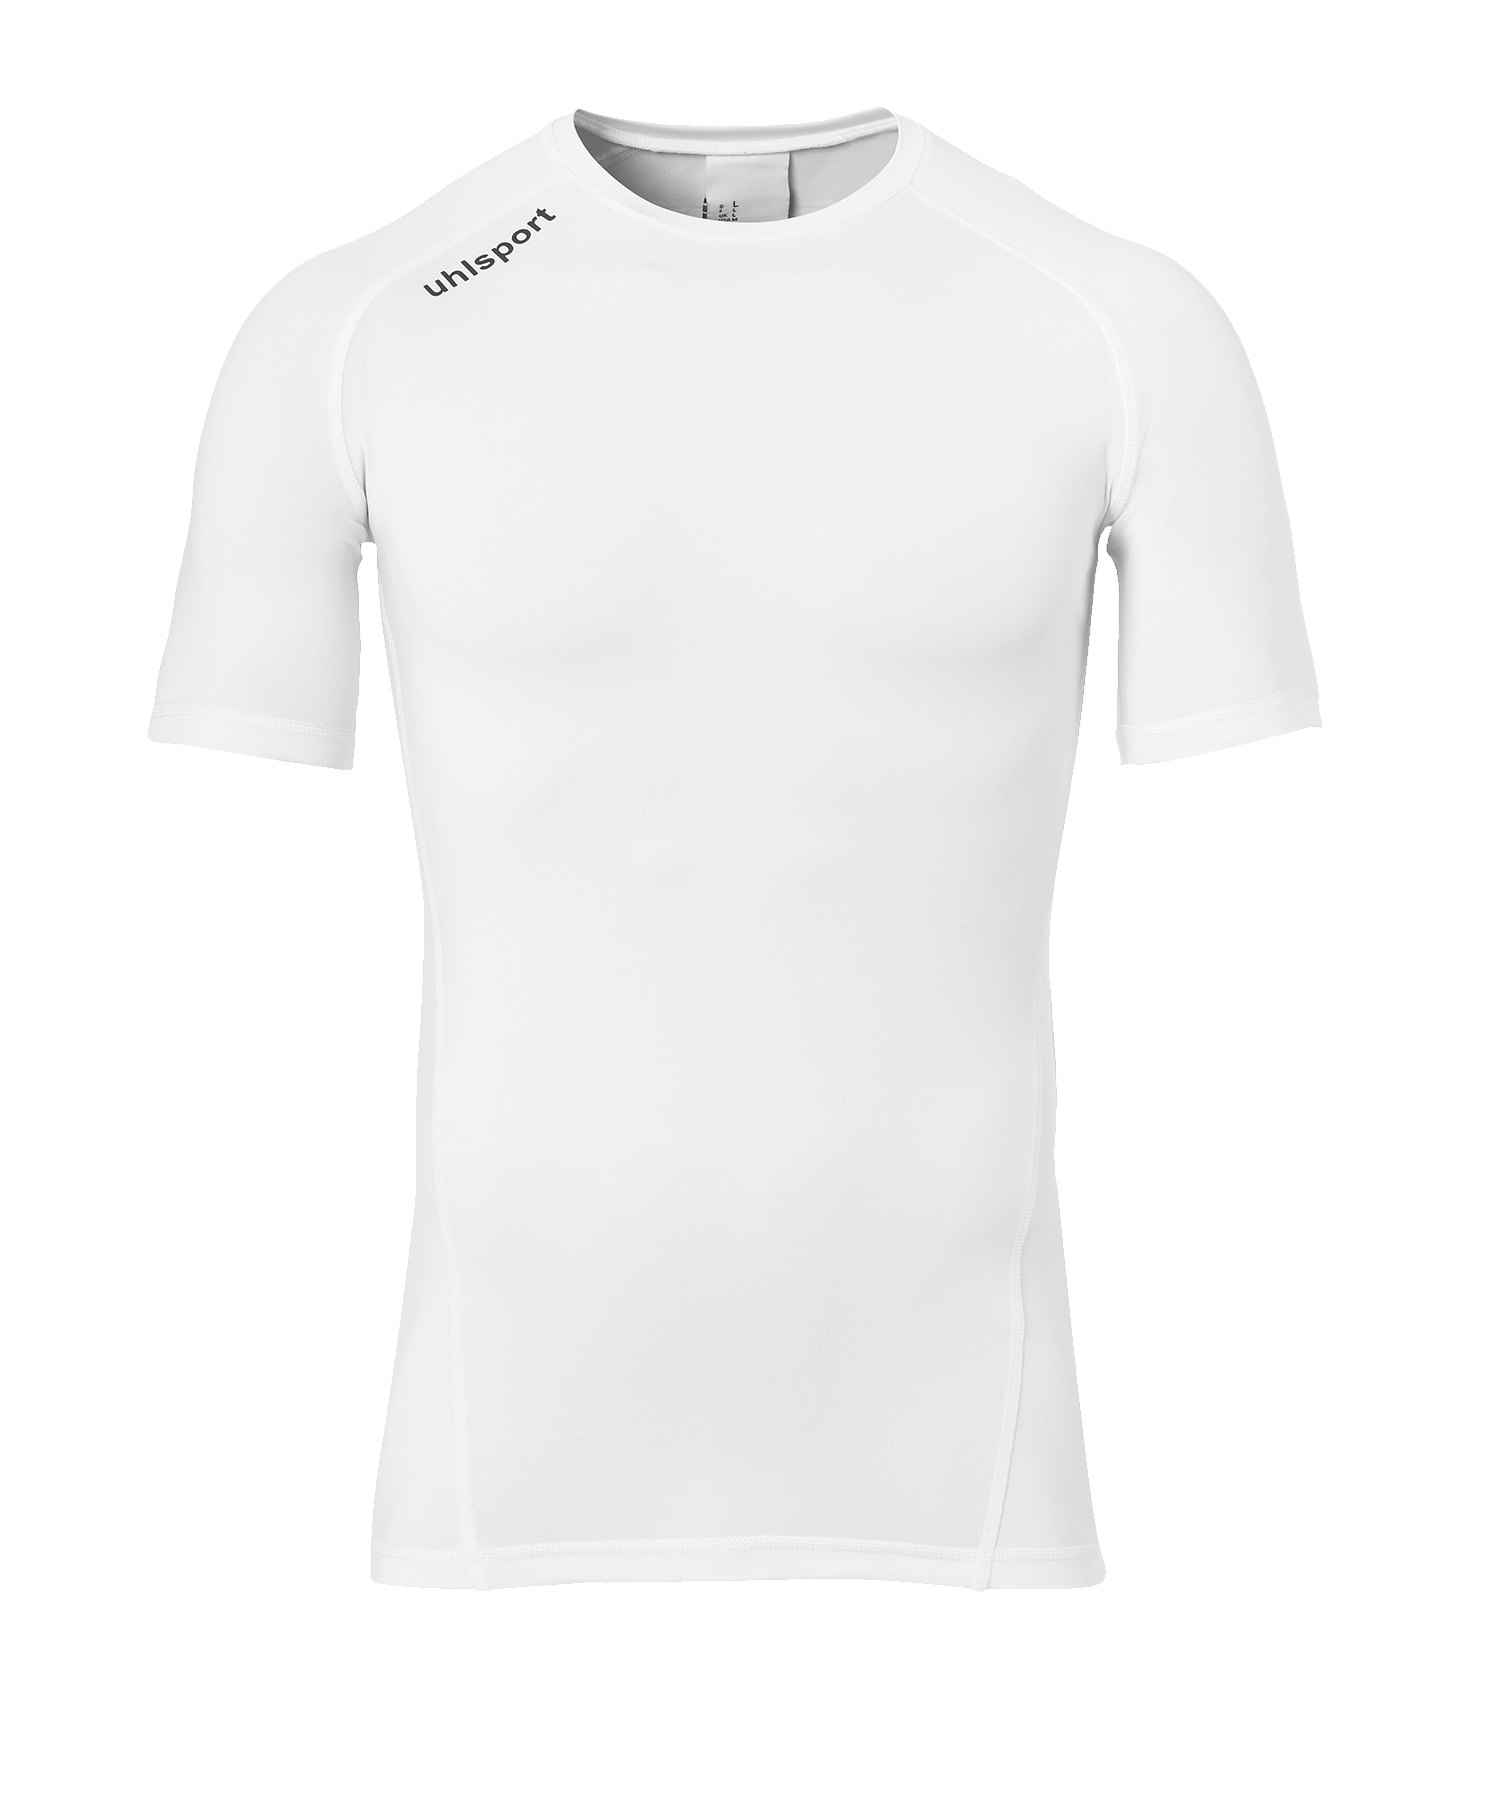 Uhlsport Pro Baselayer kurzarm Weiss F02 - Weiss